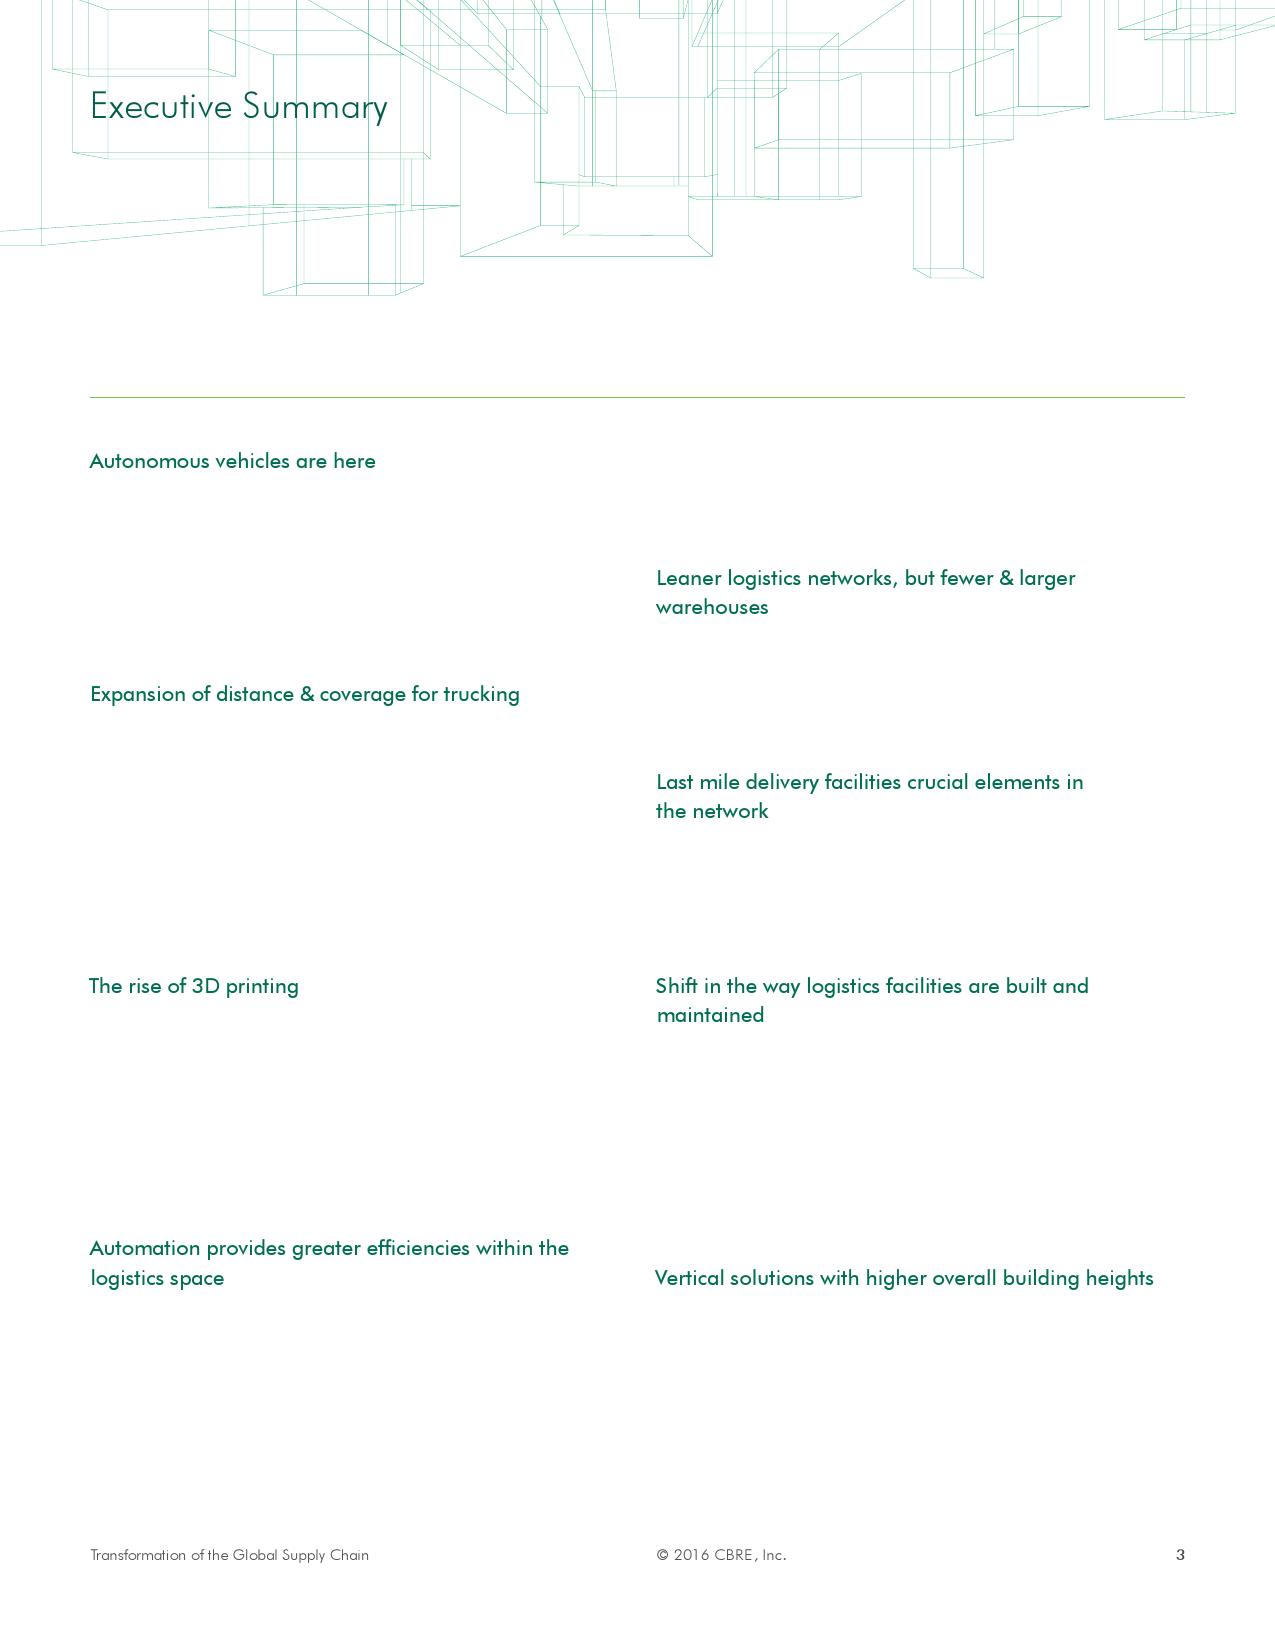 全球供应链升级-自动化技术驱动房地产变革_000003